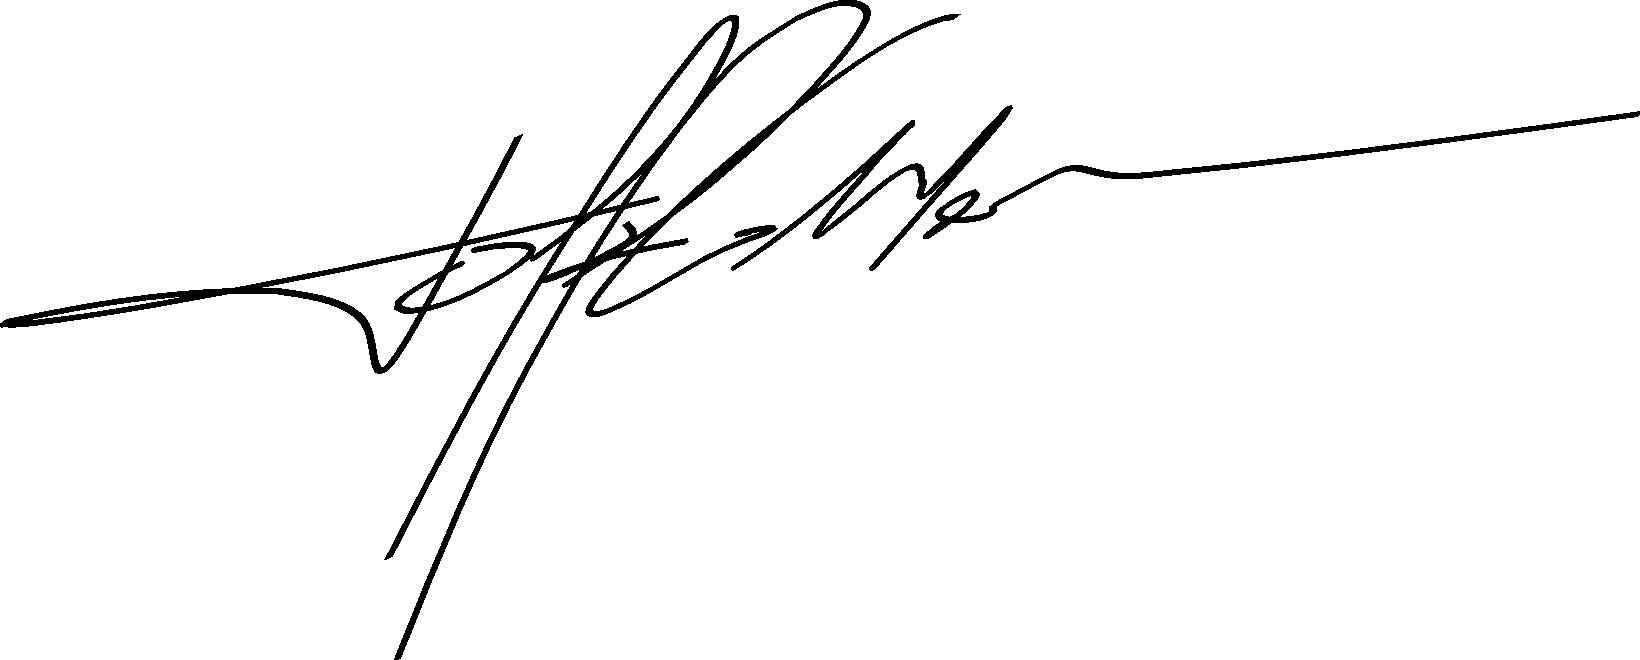 MaSSIMO Toffolo's Signature